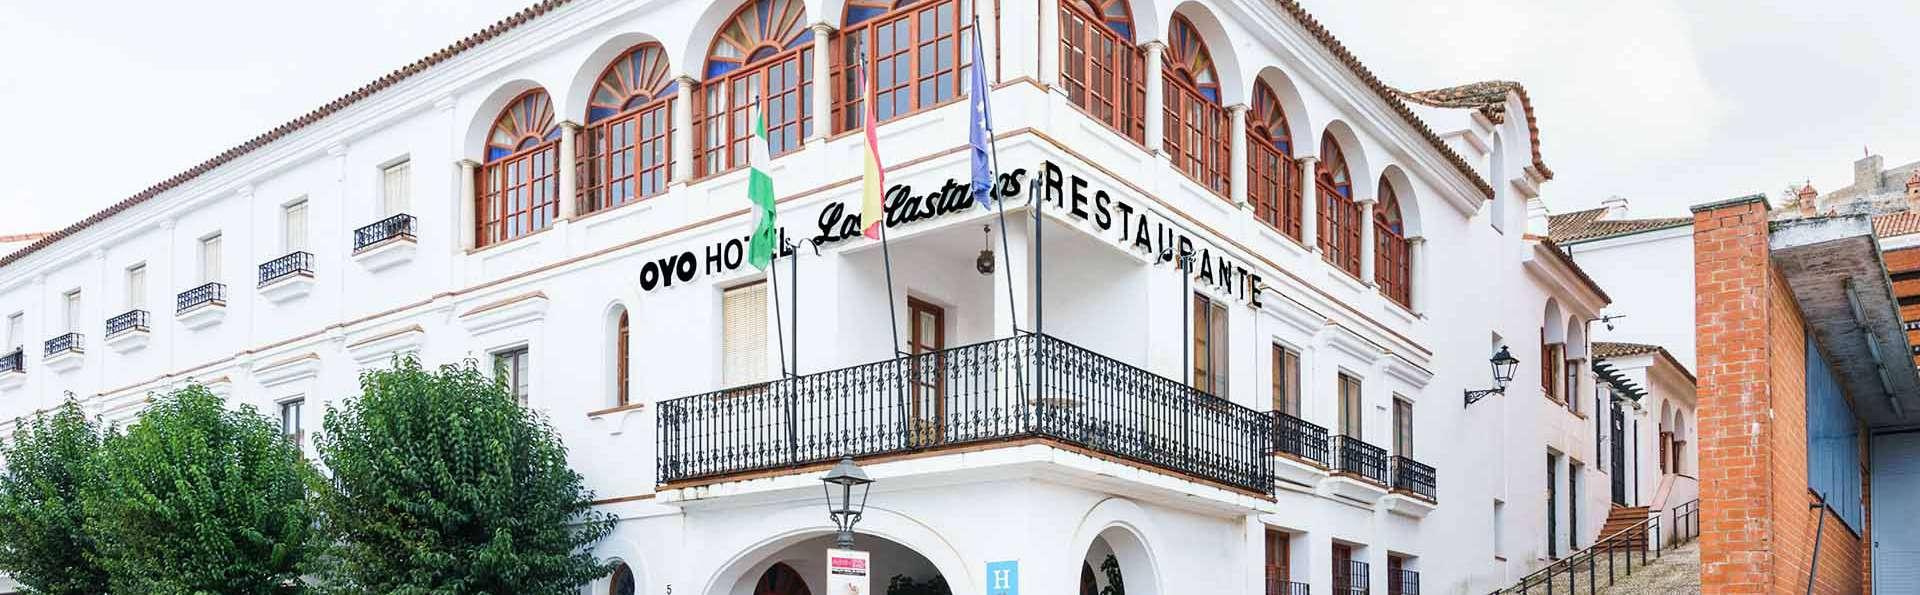 OYO Hotel Los Castaños - EDIT_OYO_Los_Castanos_01.jpg